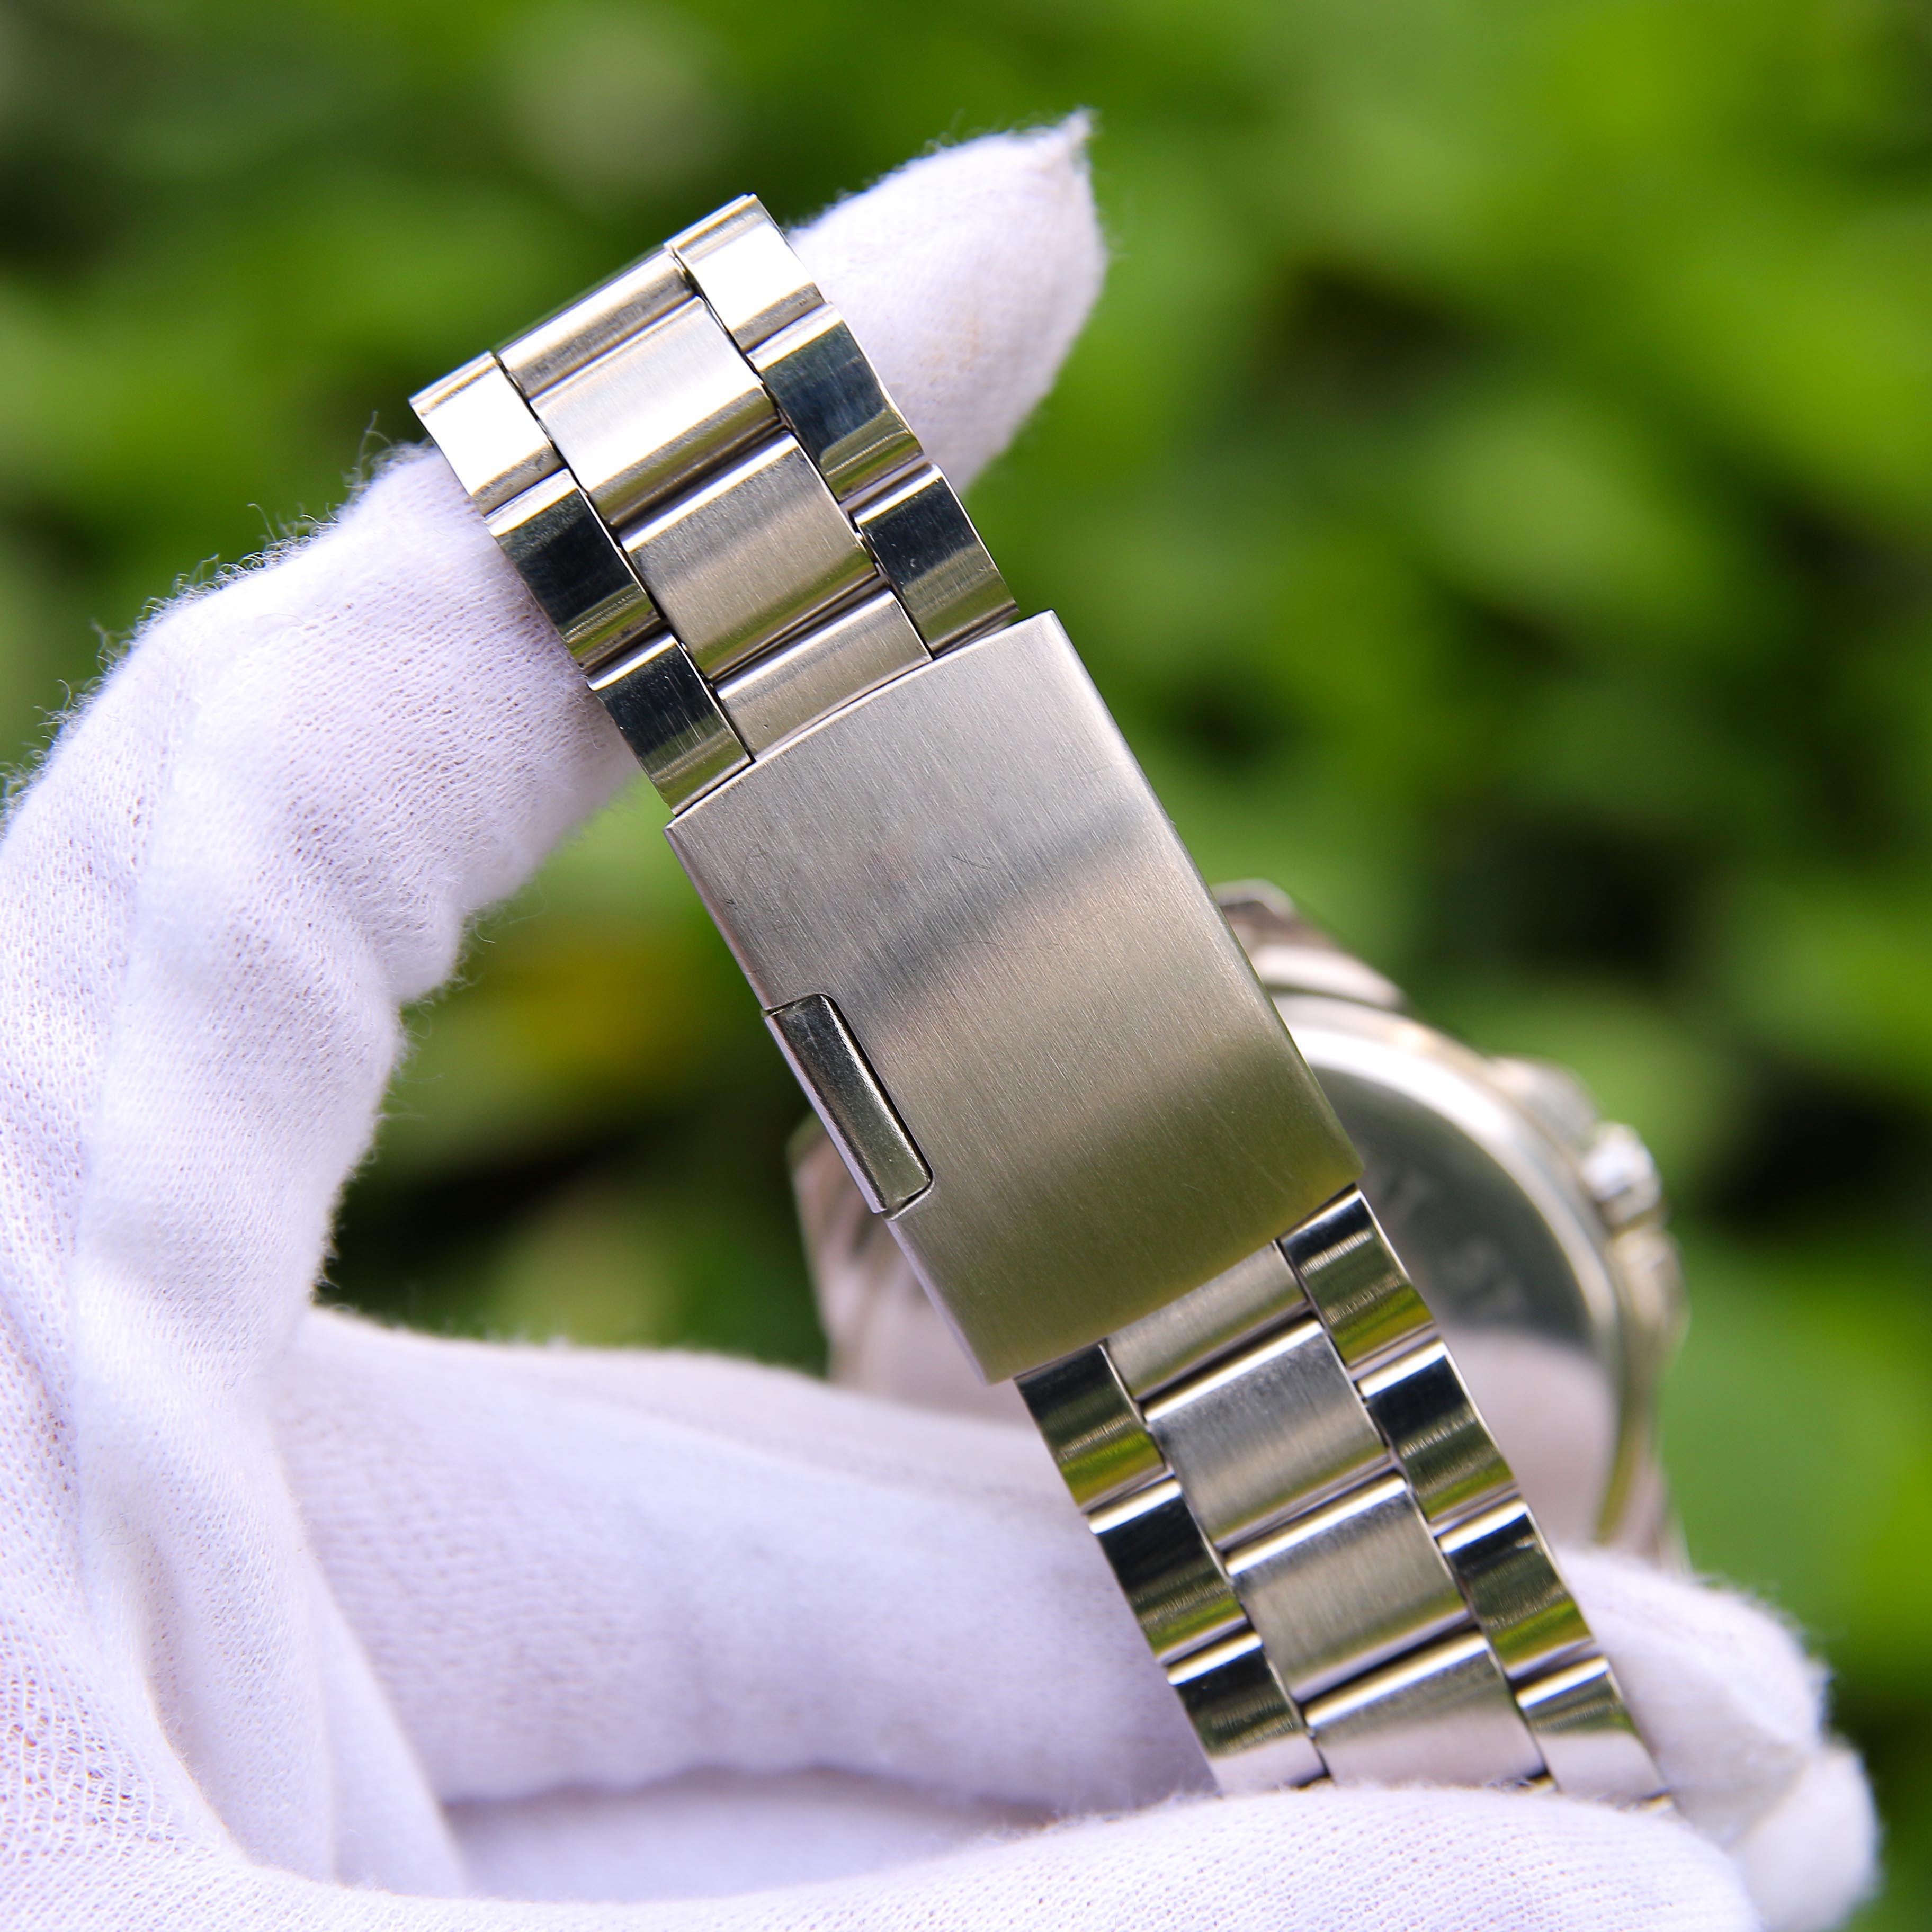 Đồng hồ nam dây thép mặt kính chống xước cao cấp VE003048 phong cách Ý hiển thị 2 lịch ngày tháng – Thiết kế sang trọng – Lịch lãm